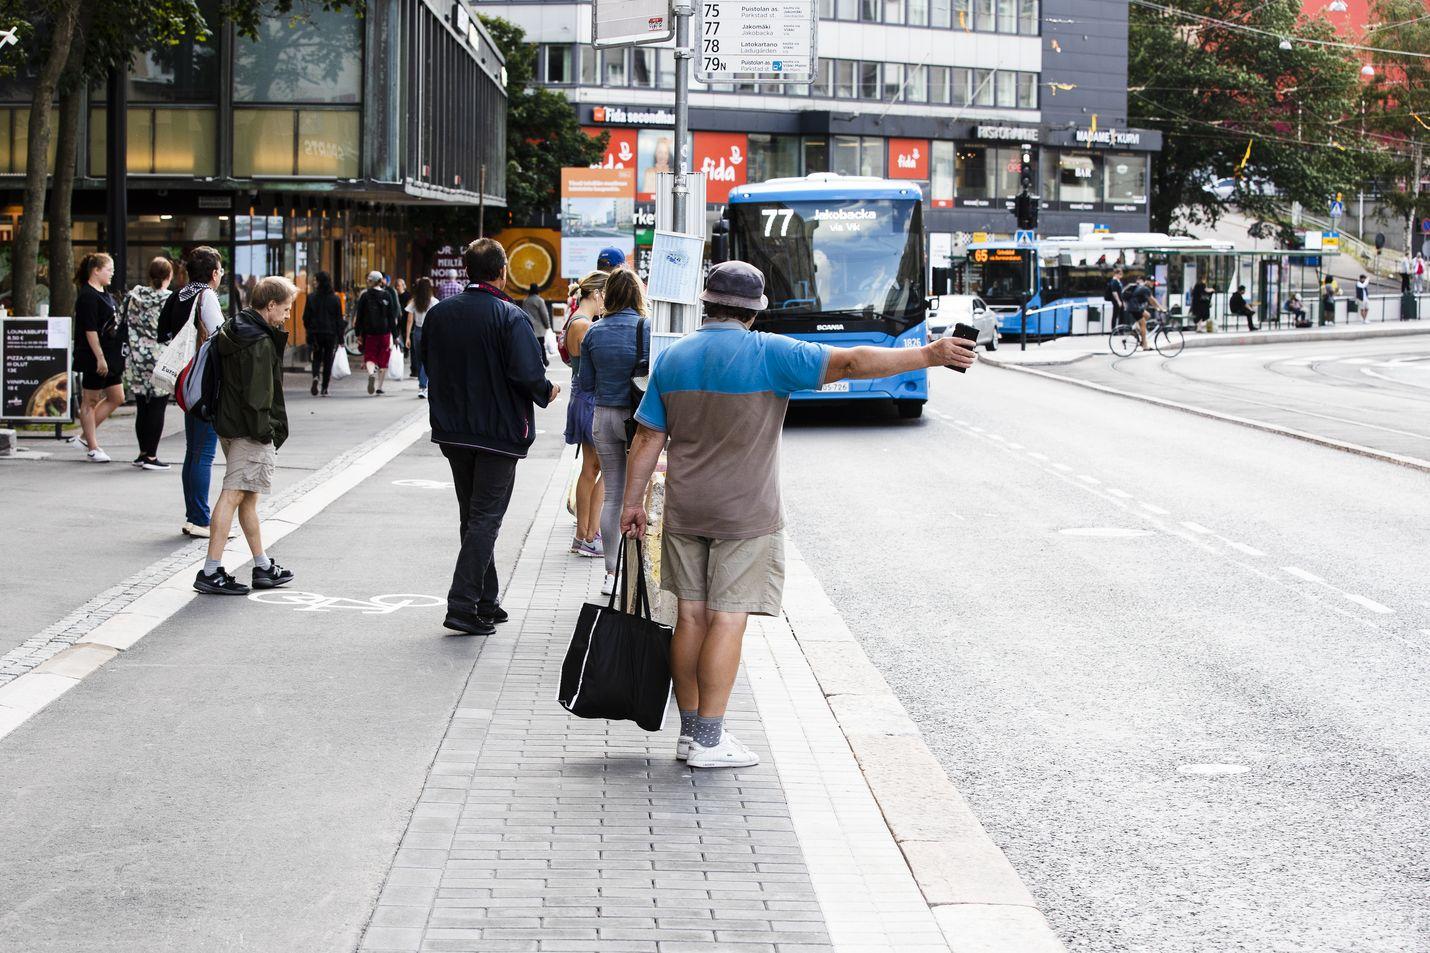 Koronaviruksen takia linja-autoliikenne pyörii noin puolella teholla normaalista. Helsingin Sörnäisissä 31. heinäkuuta bussiin riitti menijöitä.